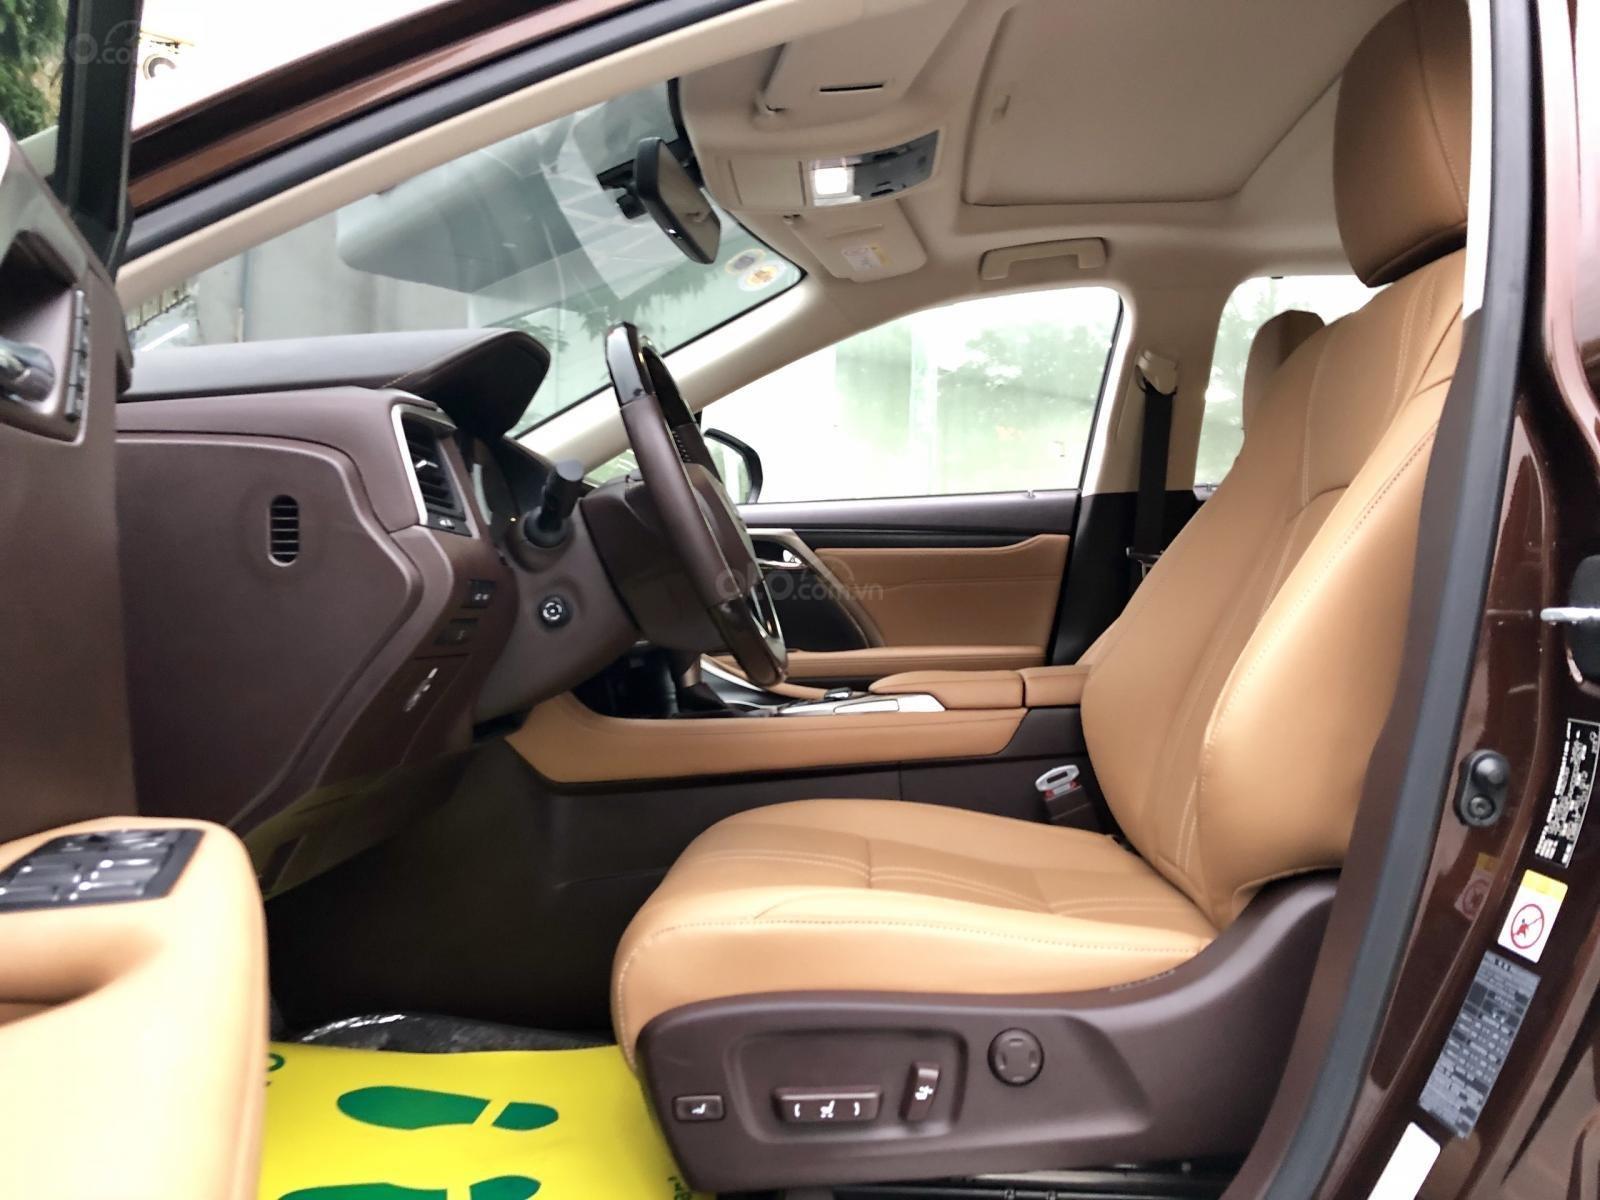 Cần bán xe Lexus RX 350 sản xuất 2017, xe nhập chính hãng. LH 093.996.2368 Ms Ngọc Vy (12)